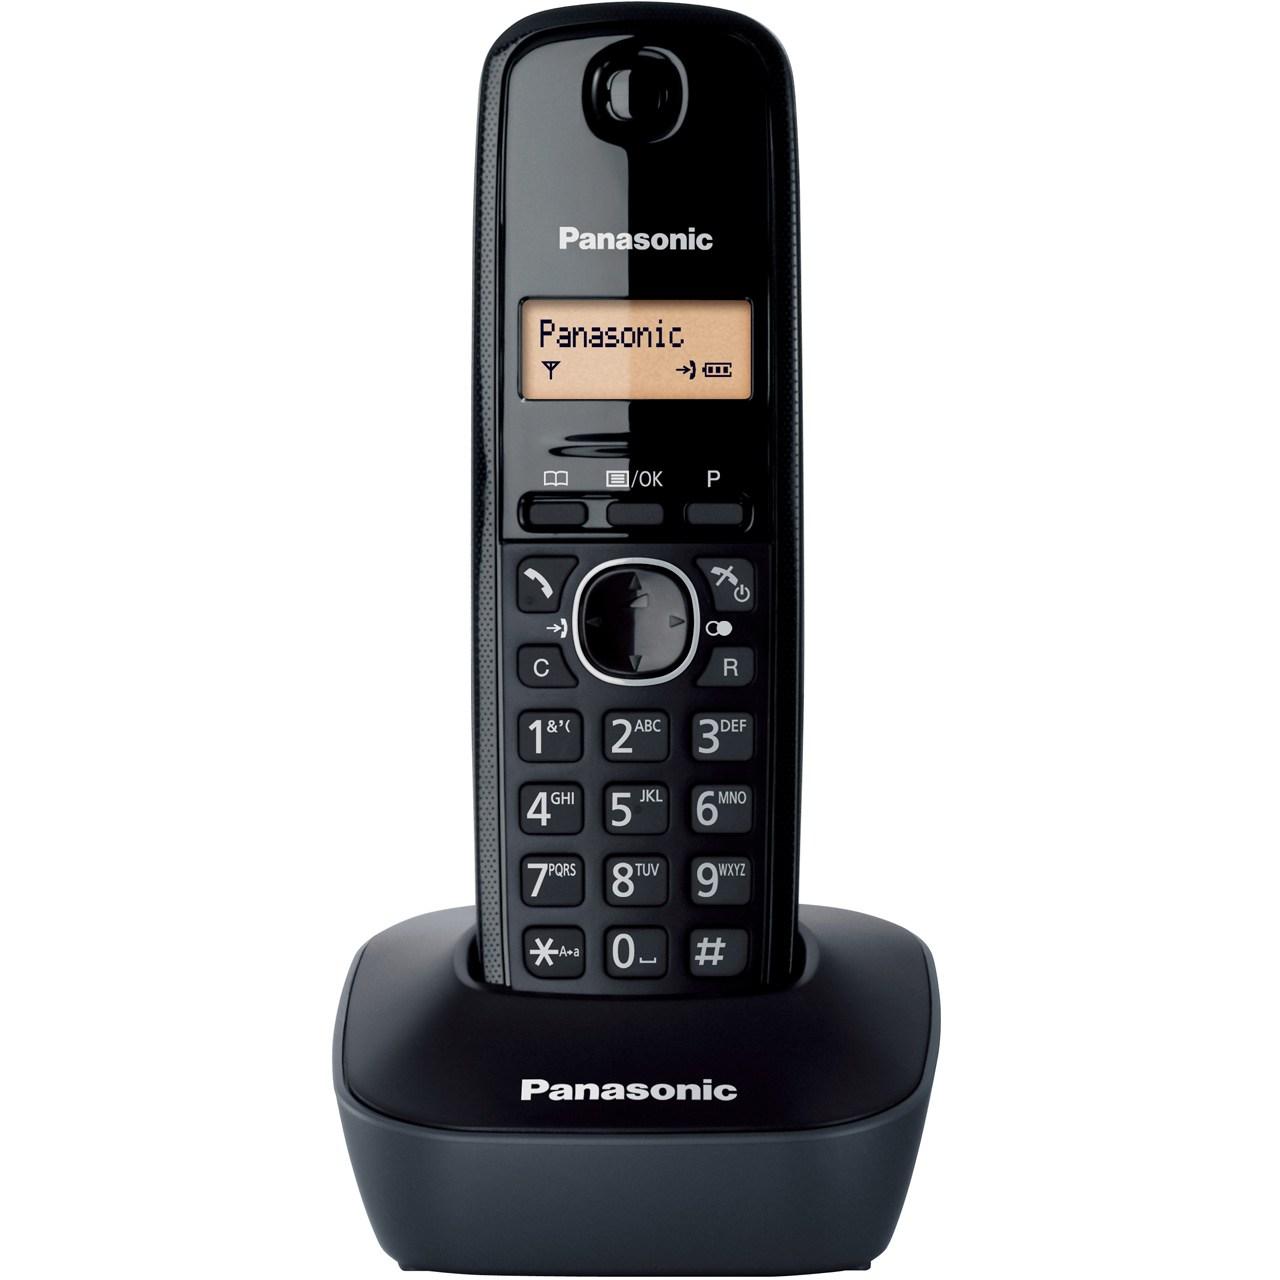 خرید اینترنتی تلفن بی سیم پاناسونیک مدل KX-TG1611